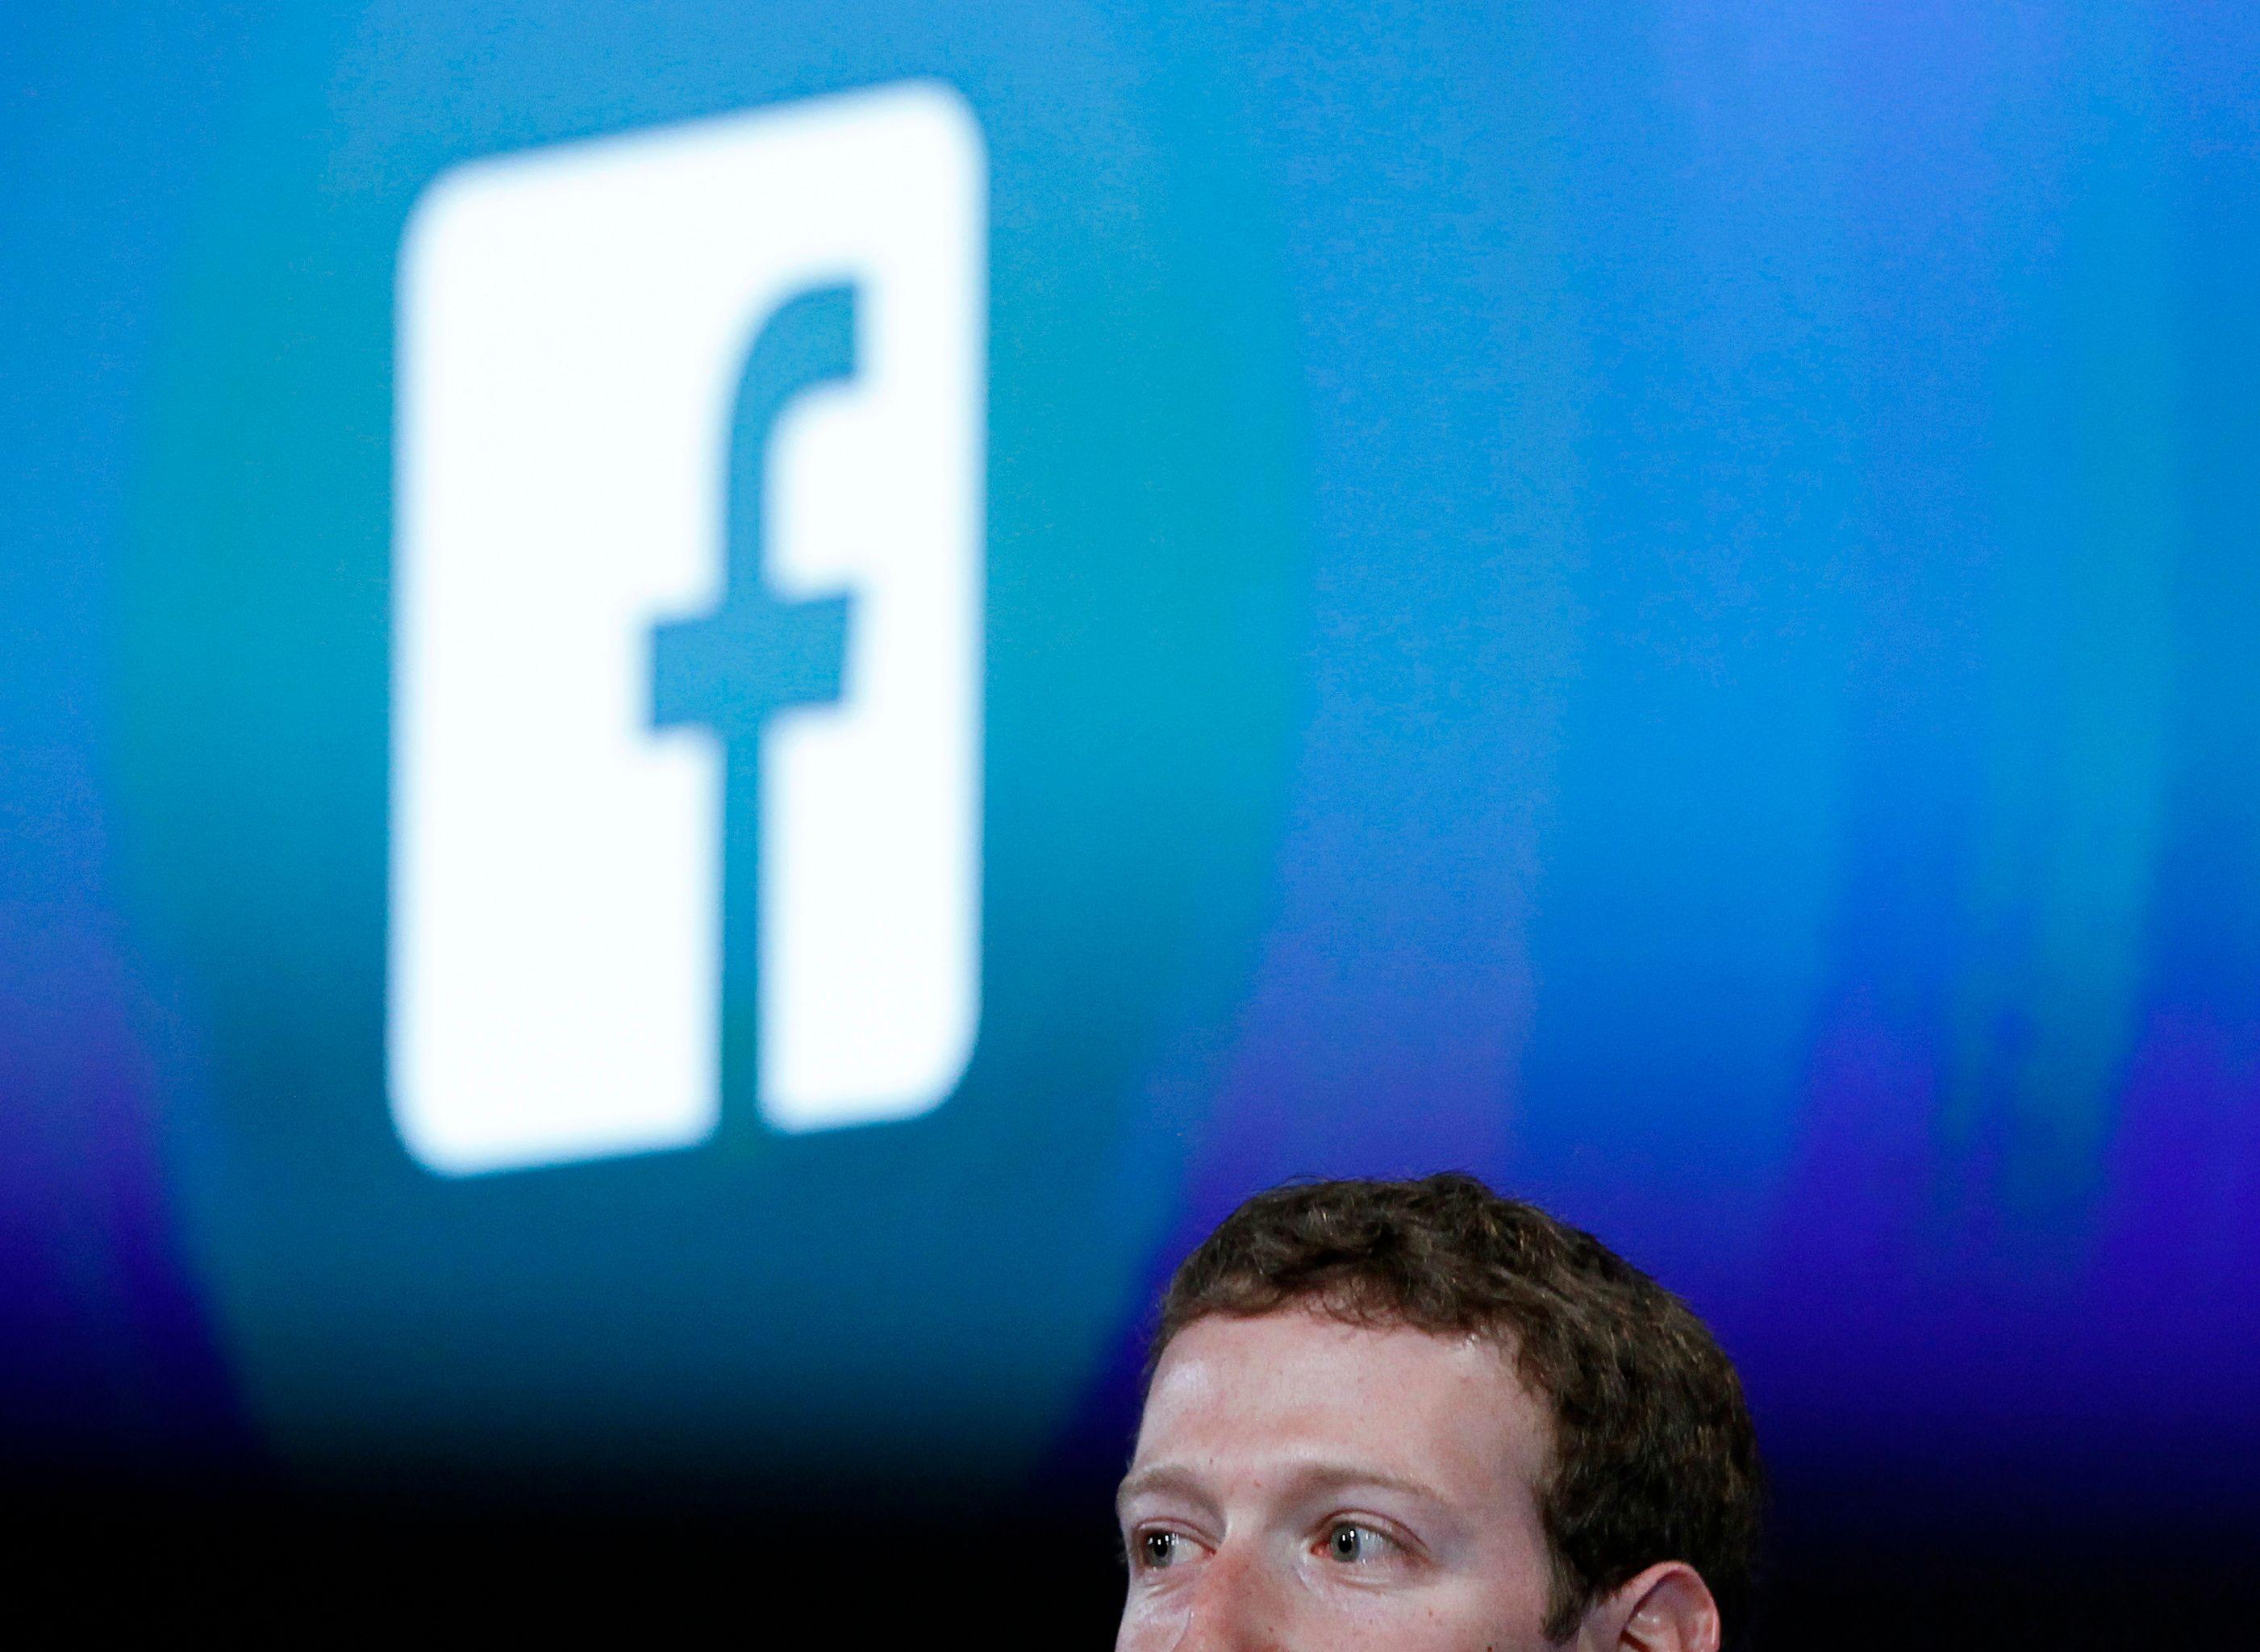 Le réseau social de Mark Zuckerberg est devenu un véritable salon de rencontre.